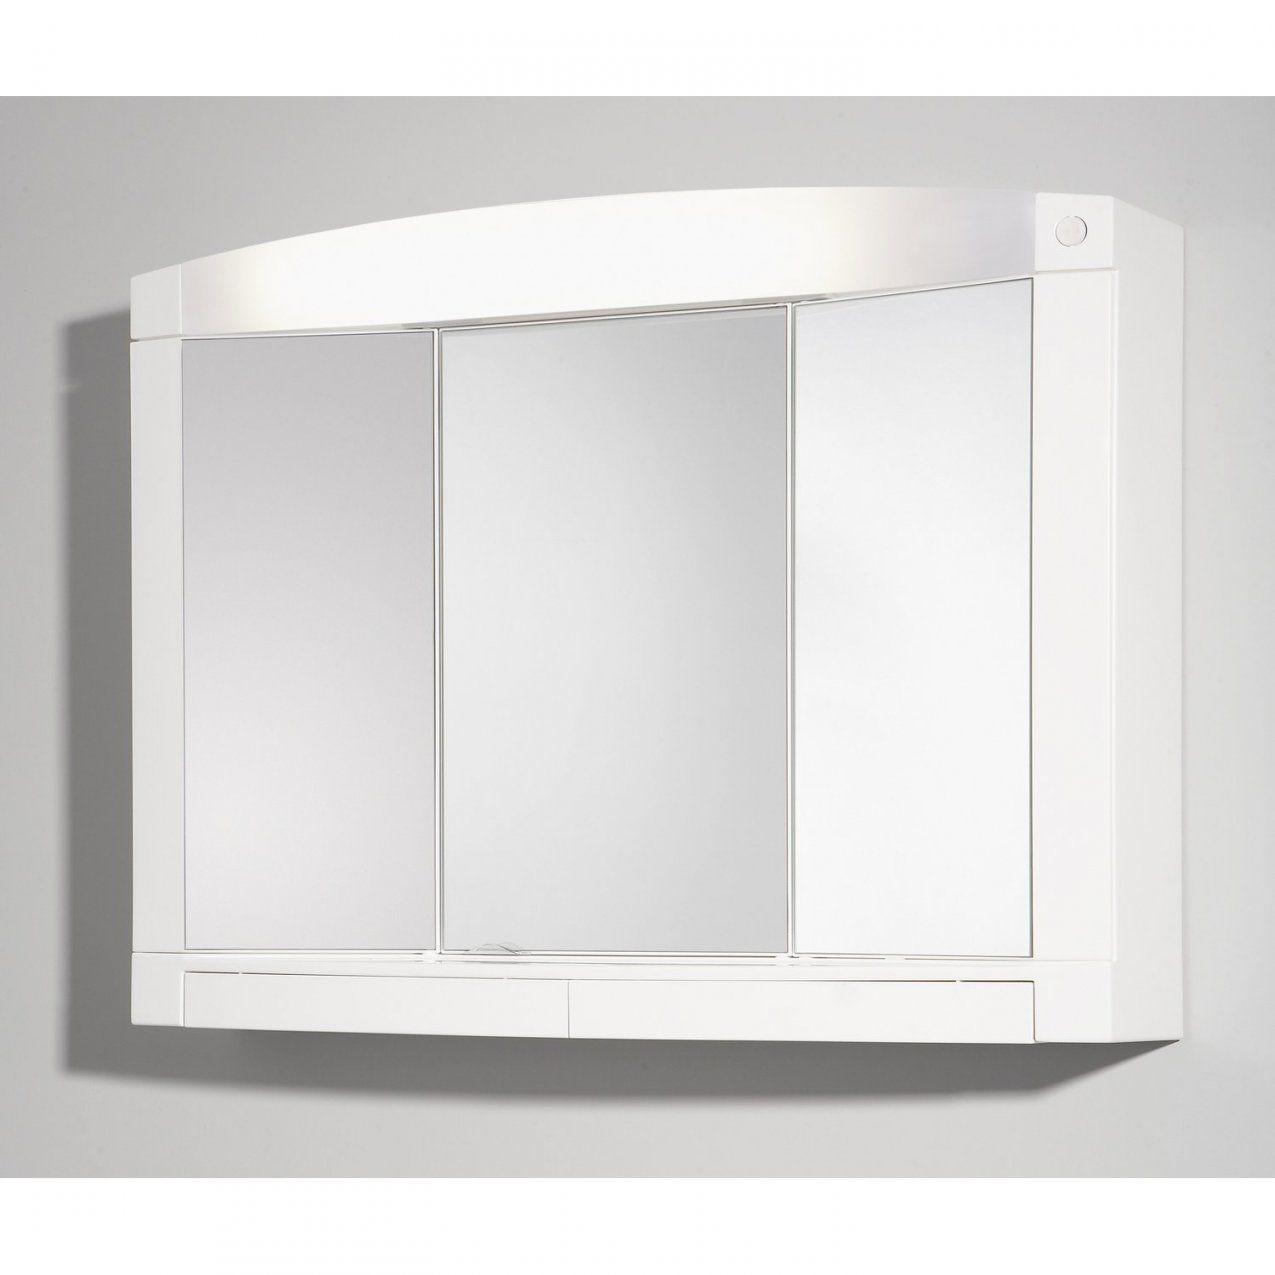 Spiegelschränke Kaufen Bei Obi  Obich von Bad Spiegelschrank Mit Beleuchtung Günstig Bild